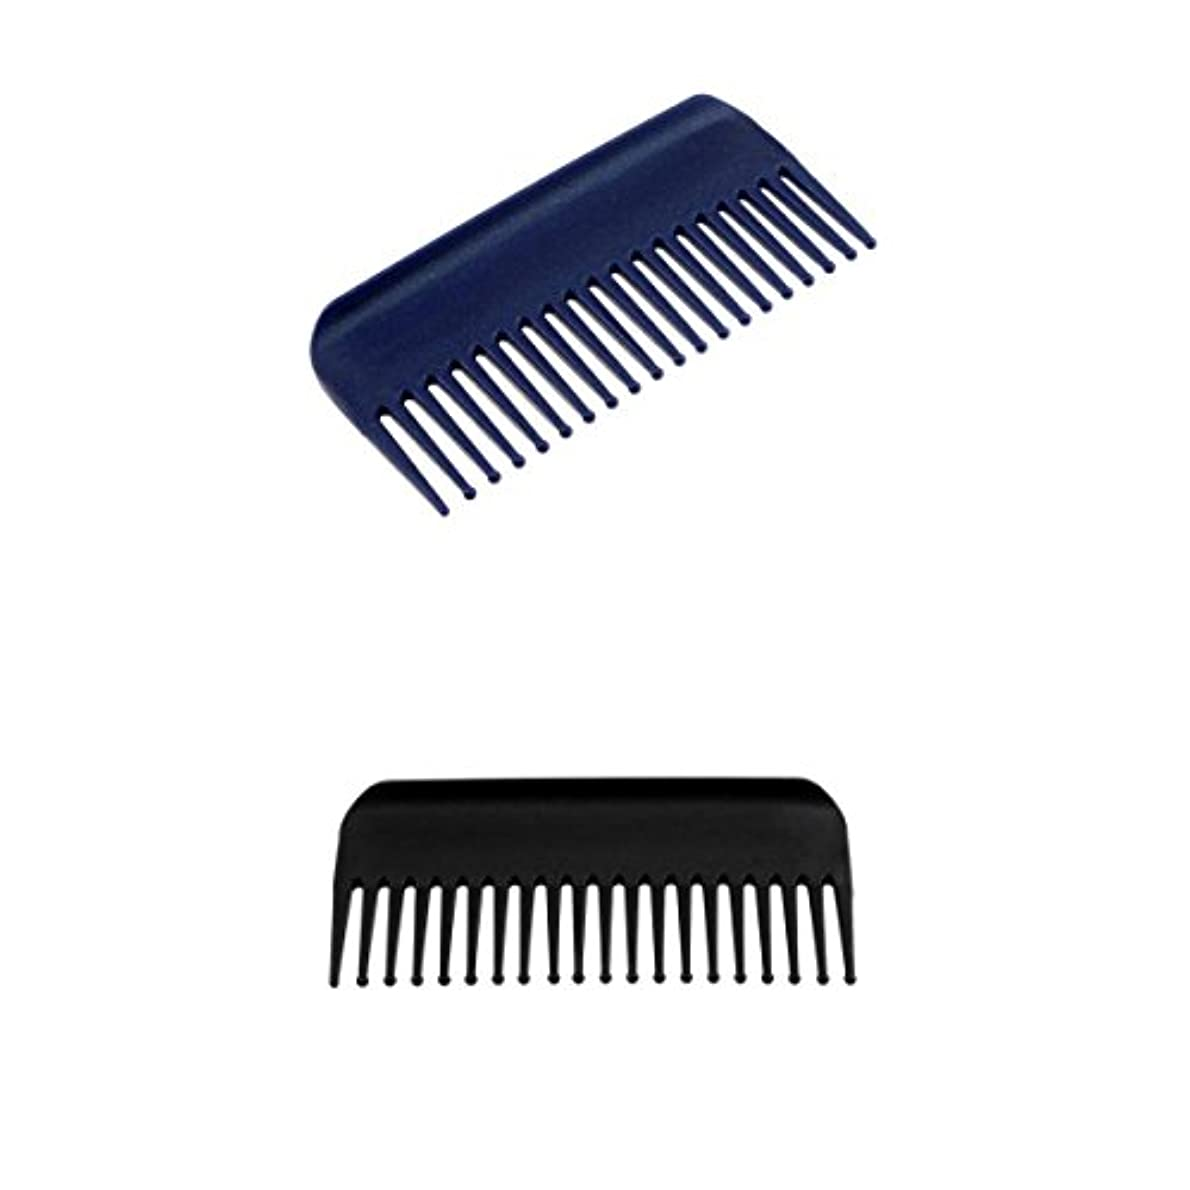 貞どれでも実業家2個19歯解くこと髪くしヘアコンディショニングレーキくしワイド歯ヘアブラシサロン理容ツール